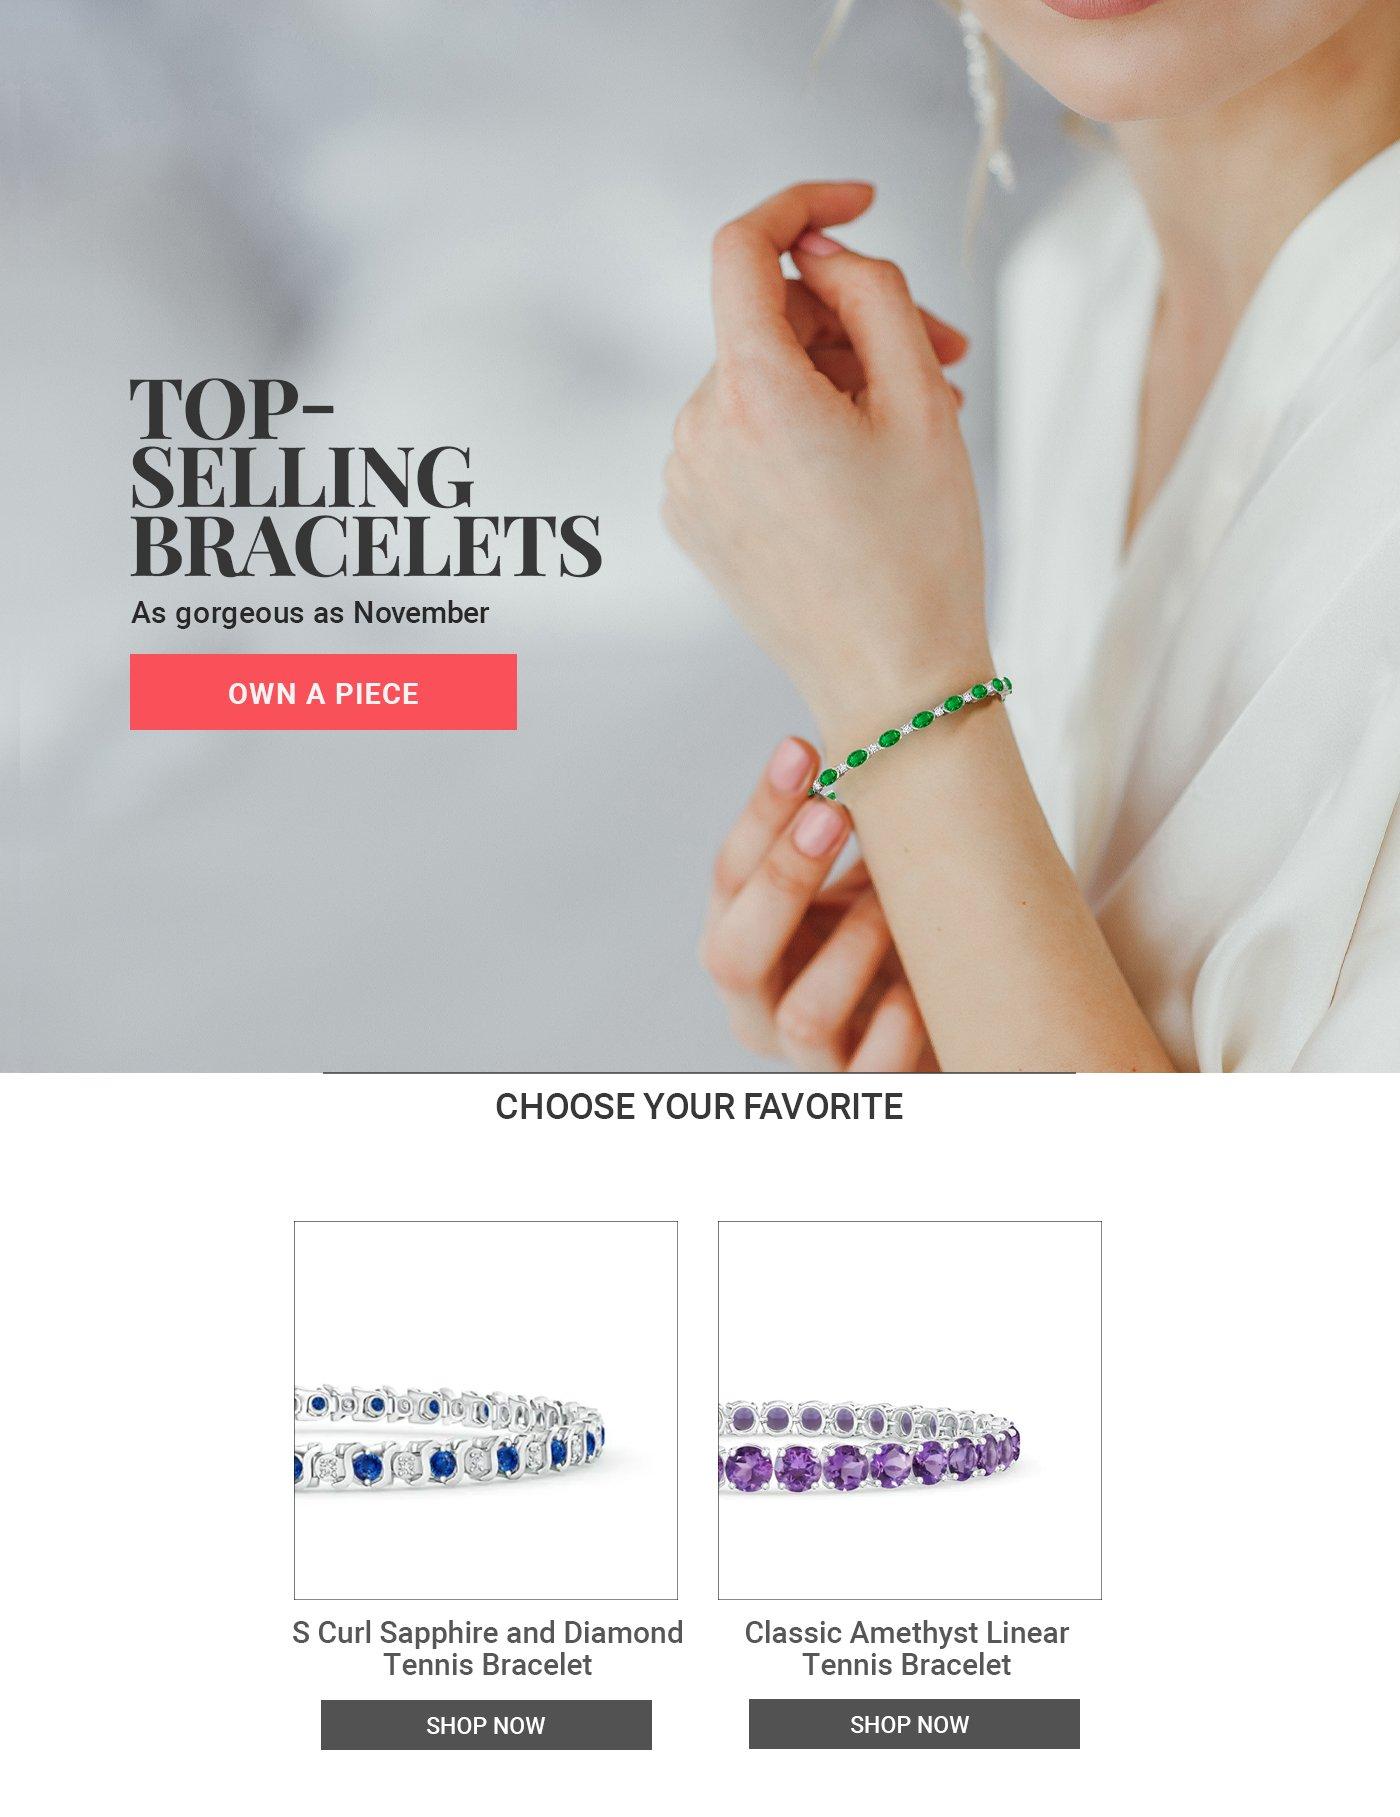 Top-selling Bracelets